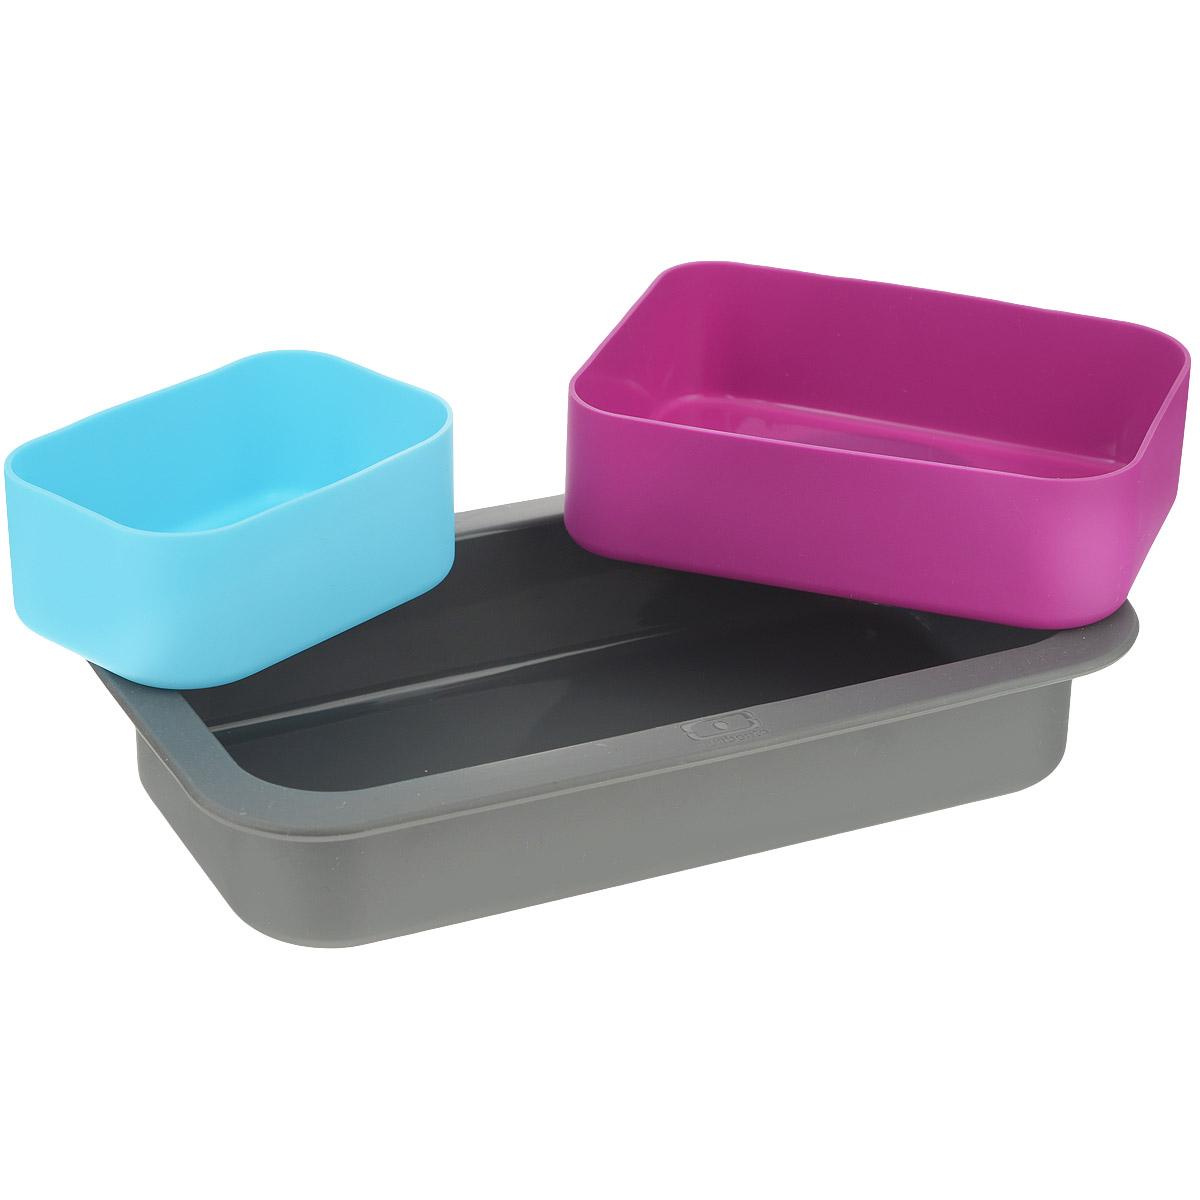 Набор форм для выпечки Monbento Original, цвет: серый, голубой, фуксия, 3 шт54 009305Набор форм для выпечки Monbento Original состоит из трех высококачественных силиконовых форм. Такой набор подходит для приготовления пирогов, желе, кексов, запеканок и других блюд. Изделия можно использовать как в духовке, так и в микроволновой печи, а также замораживать жидкость в морозильной камере. Форма выдерживает температуру от -40 до +240°С. Благодаря таким формам вы сможете взять приготовленное блюдо с собой на работу, так как по размеру ваша выпечка будет совпадать с ланч-боксами MB Single и MB Original.Объем большой формы: 450 мл. Объем средней формы: 300 мл. Объем маленькой формы: 150 мл. Размер большой формы: 18 х 9 х 3,5 см. Размер средней формы: 11,5 х 8,5 х 3,5 см. Размер маленькой формы: 8,5 х 5,5 х 3,5 см.